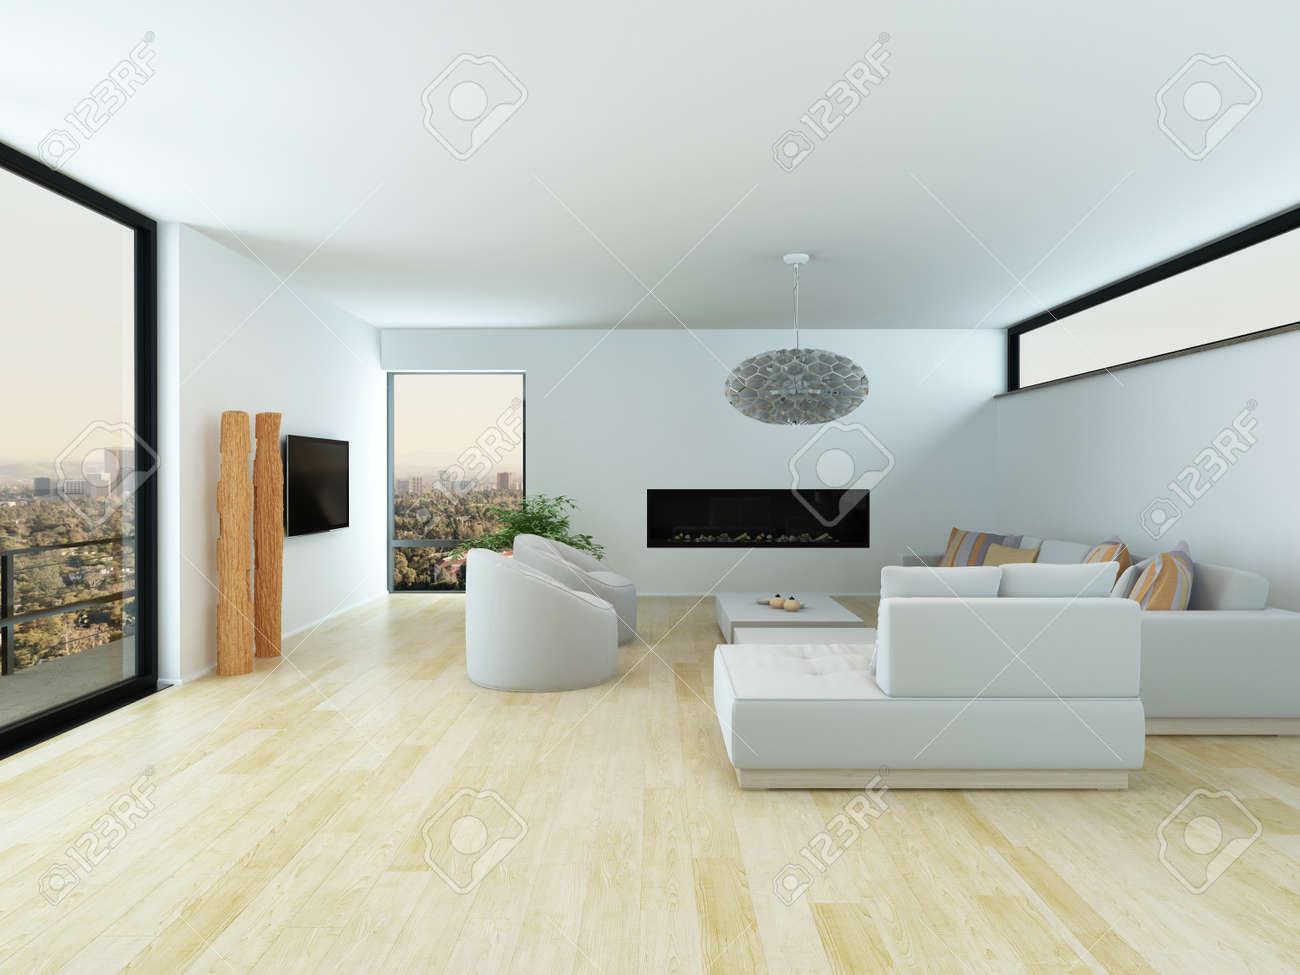 Modernes Weißes Wohnzimmer Innenraum Mit Einem Hellen Parkettboden, Weiße  Sitzgruppe Und Großem Sichtfenster, Eine